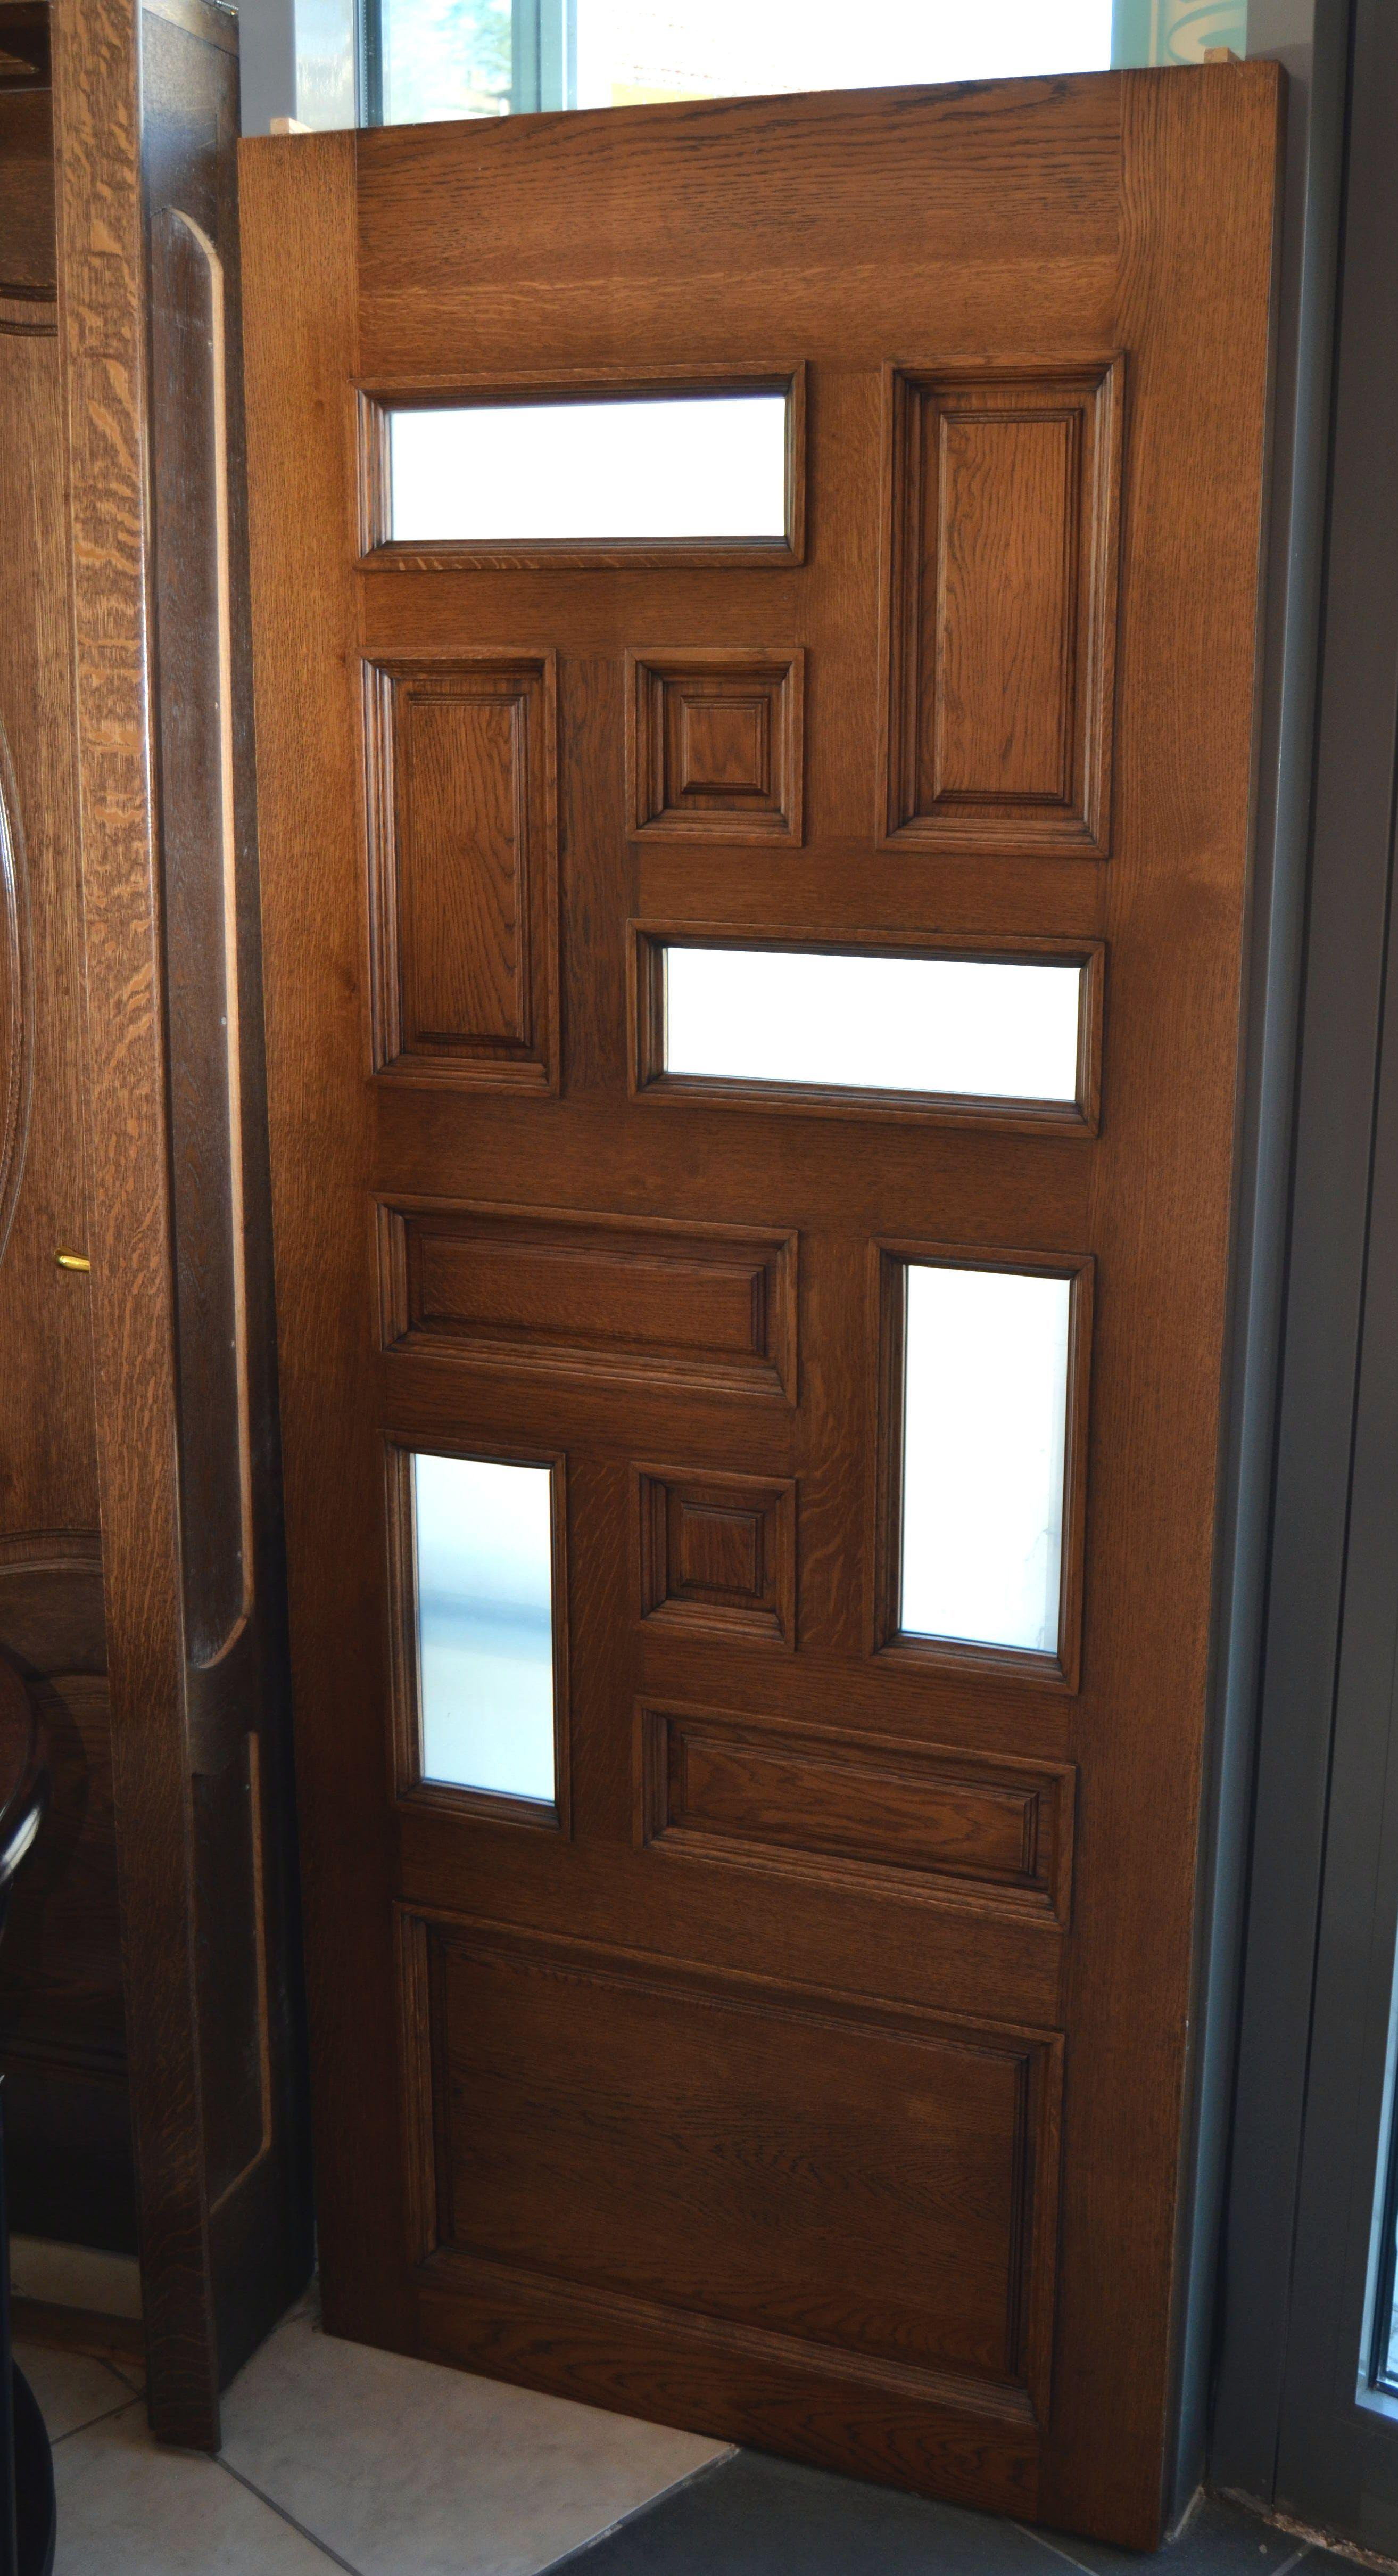 vrata-s-ostkleni-elementi-po-tablite